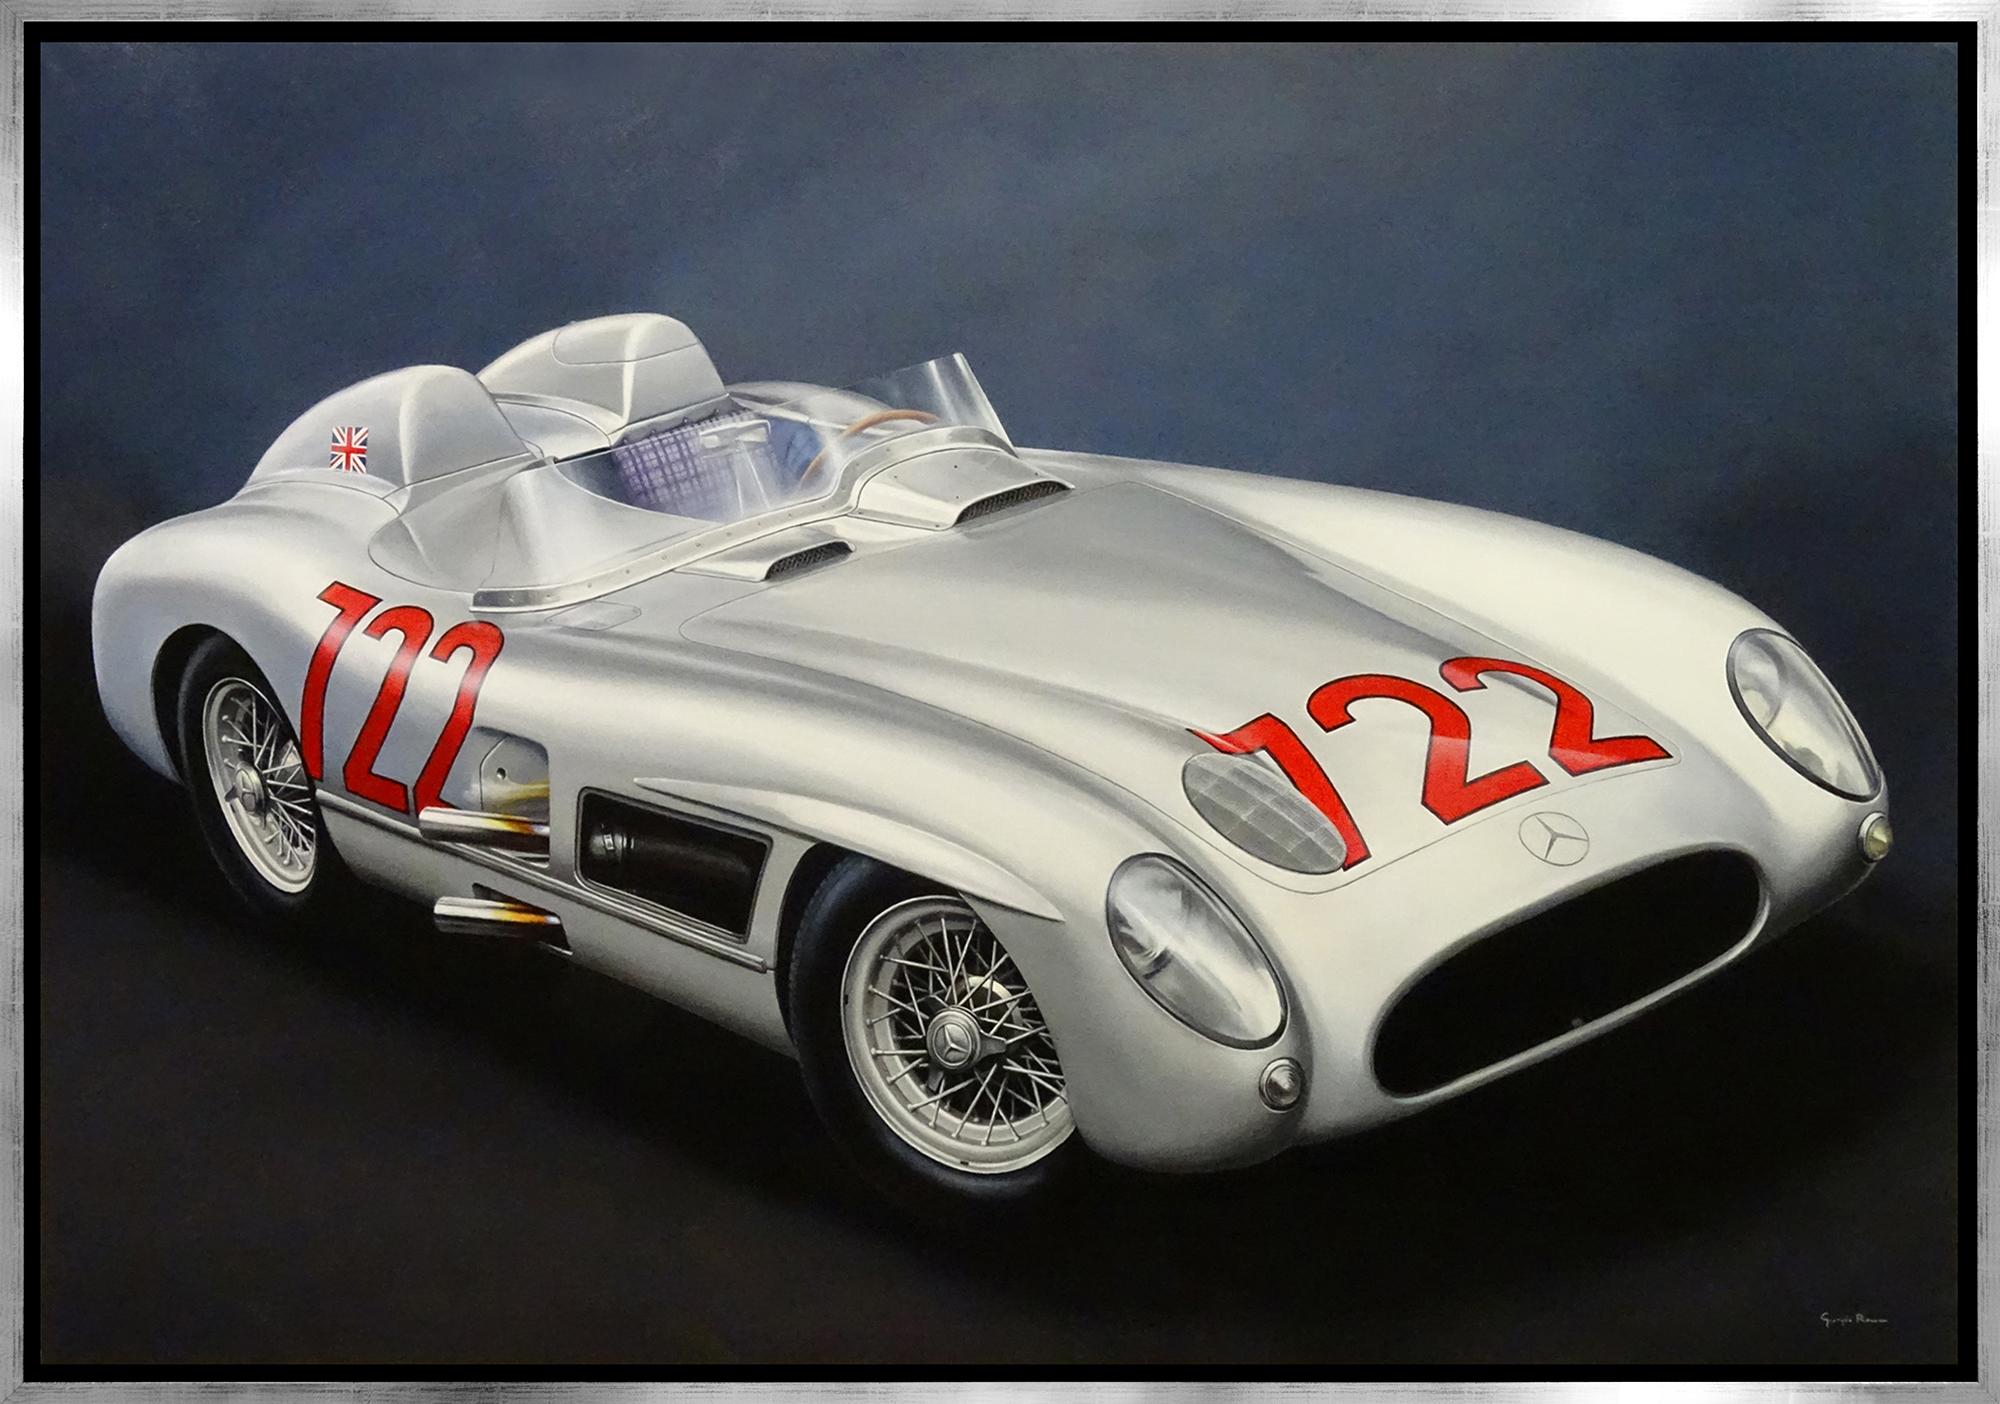 Giorgio Rocca - Mercedes 722 , 7092-006-063